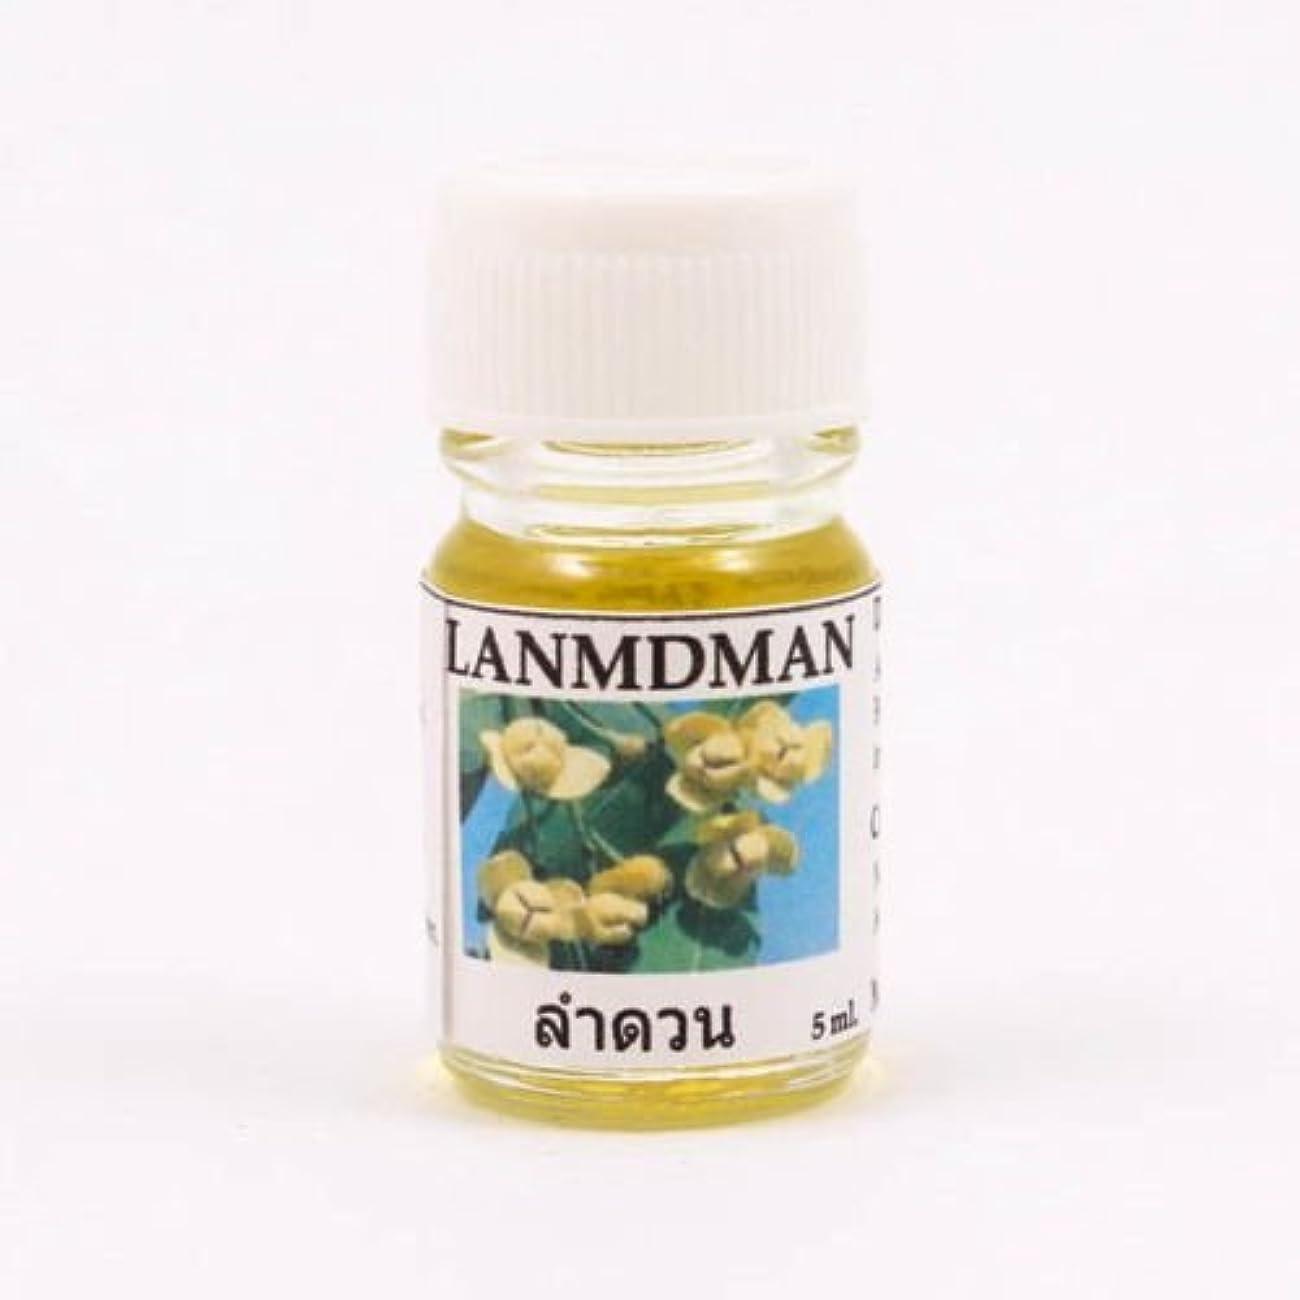 程度提供された優しさ6X Lanmdman Aroma Fragrance Essential Oil 5ML. cc Diffuser Burner Therapy